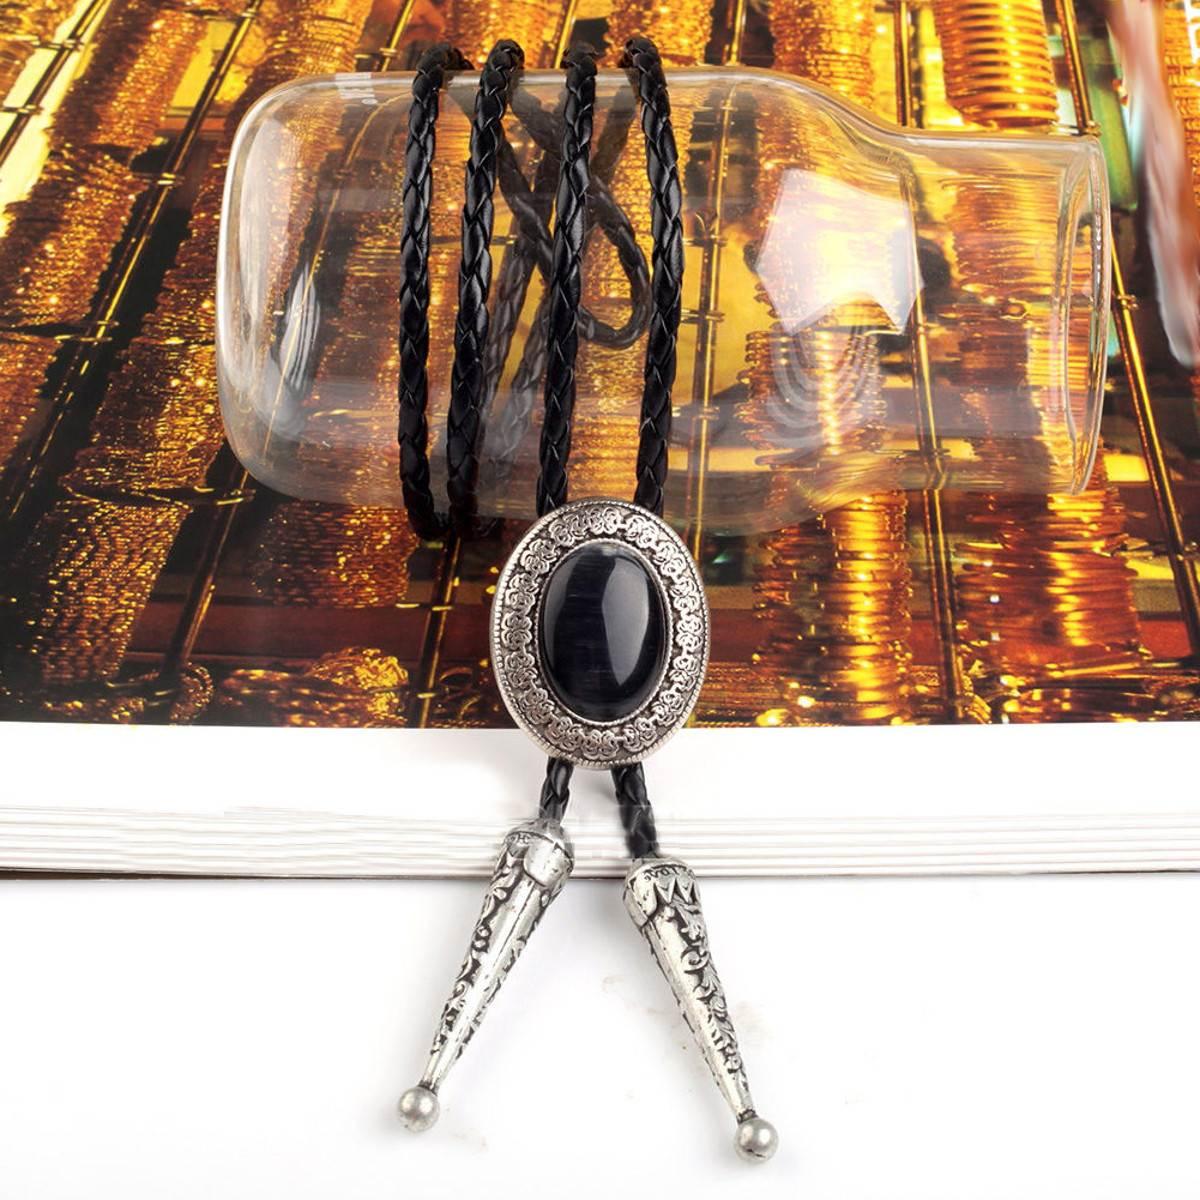 Homens Gravata de bolinhas, ocidental Rodeo Cowboy Pescoço Laços Lariat Colar Chocker Do Vintage Pedra Natural Bola Laço De Couro do PLUTÔNIO dos homens Amantes de Presente